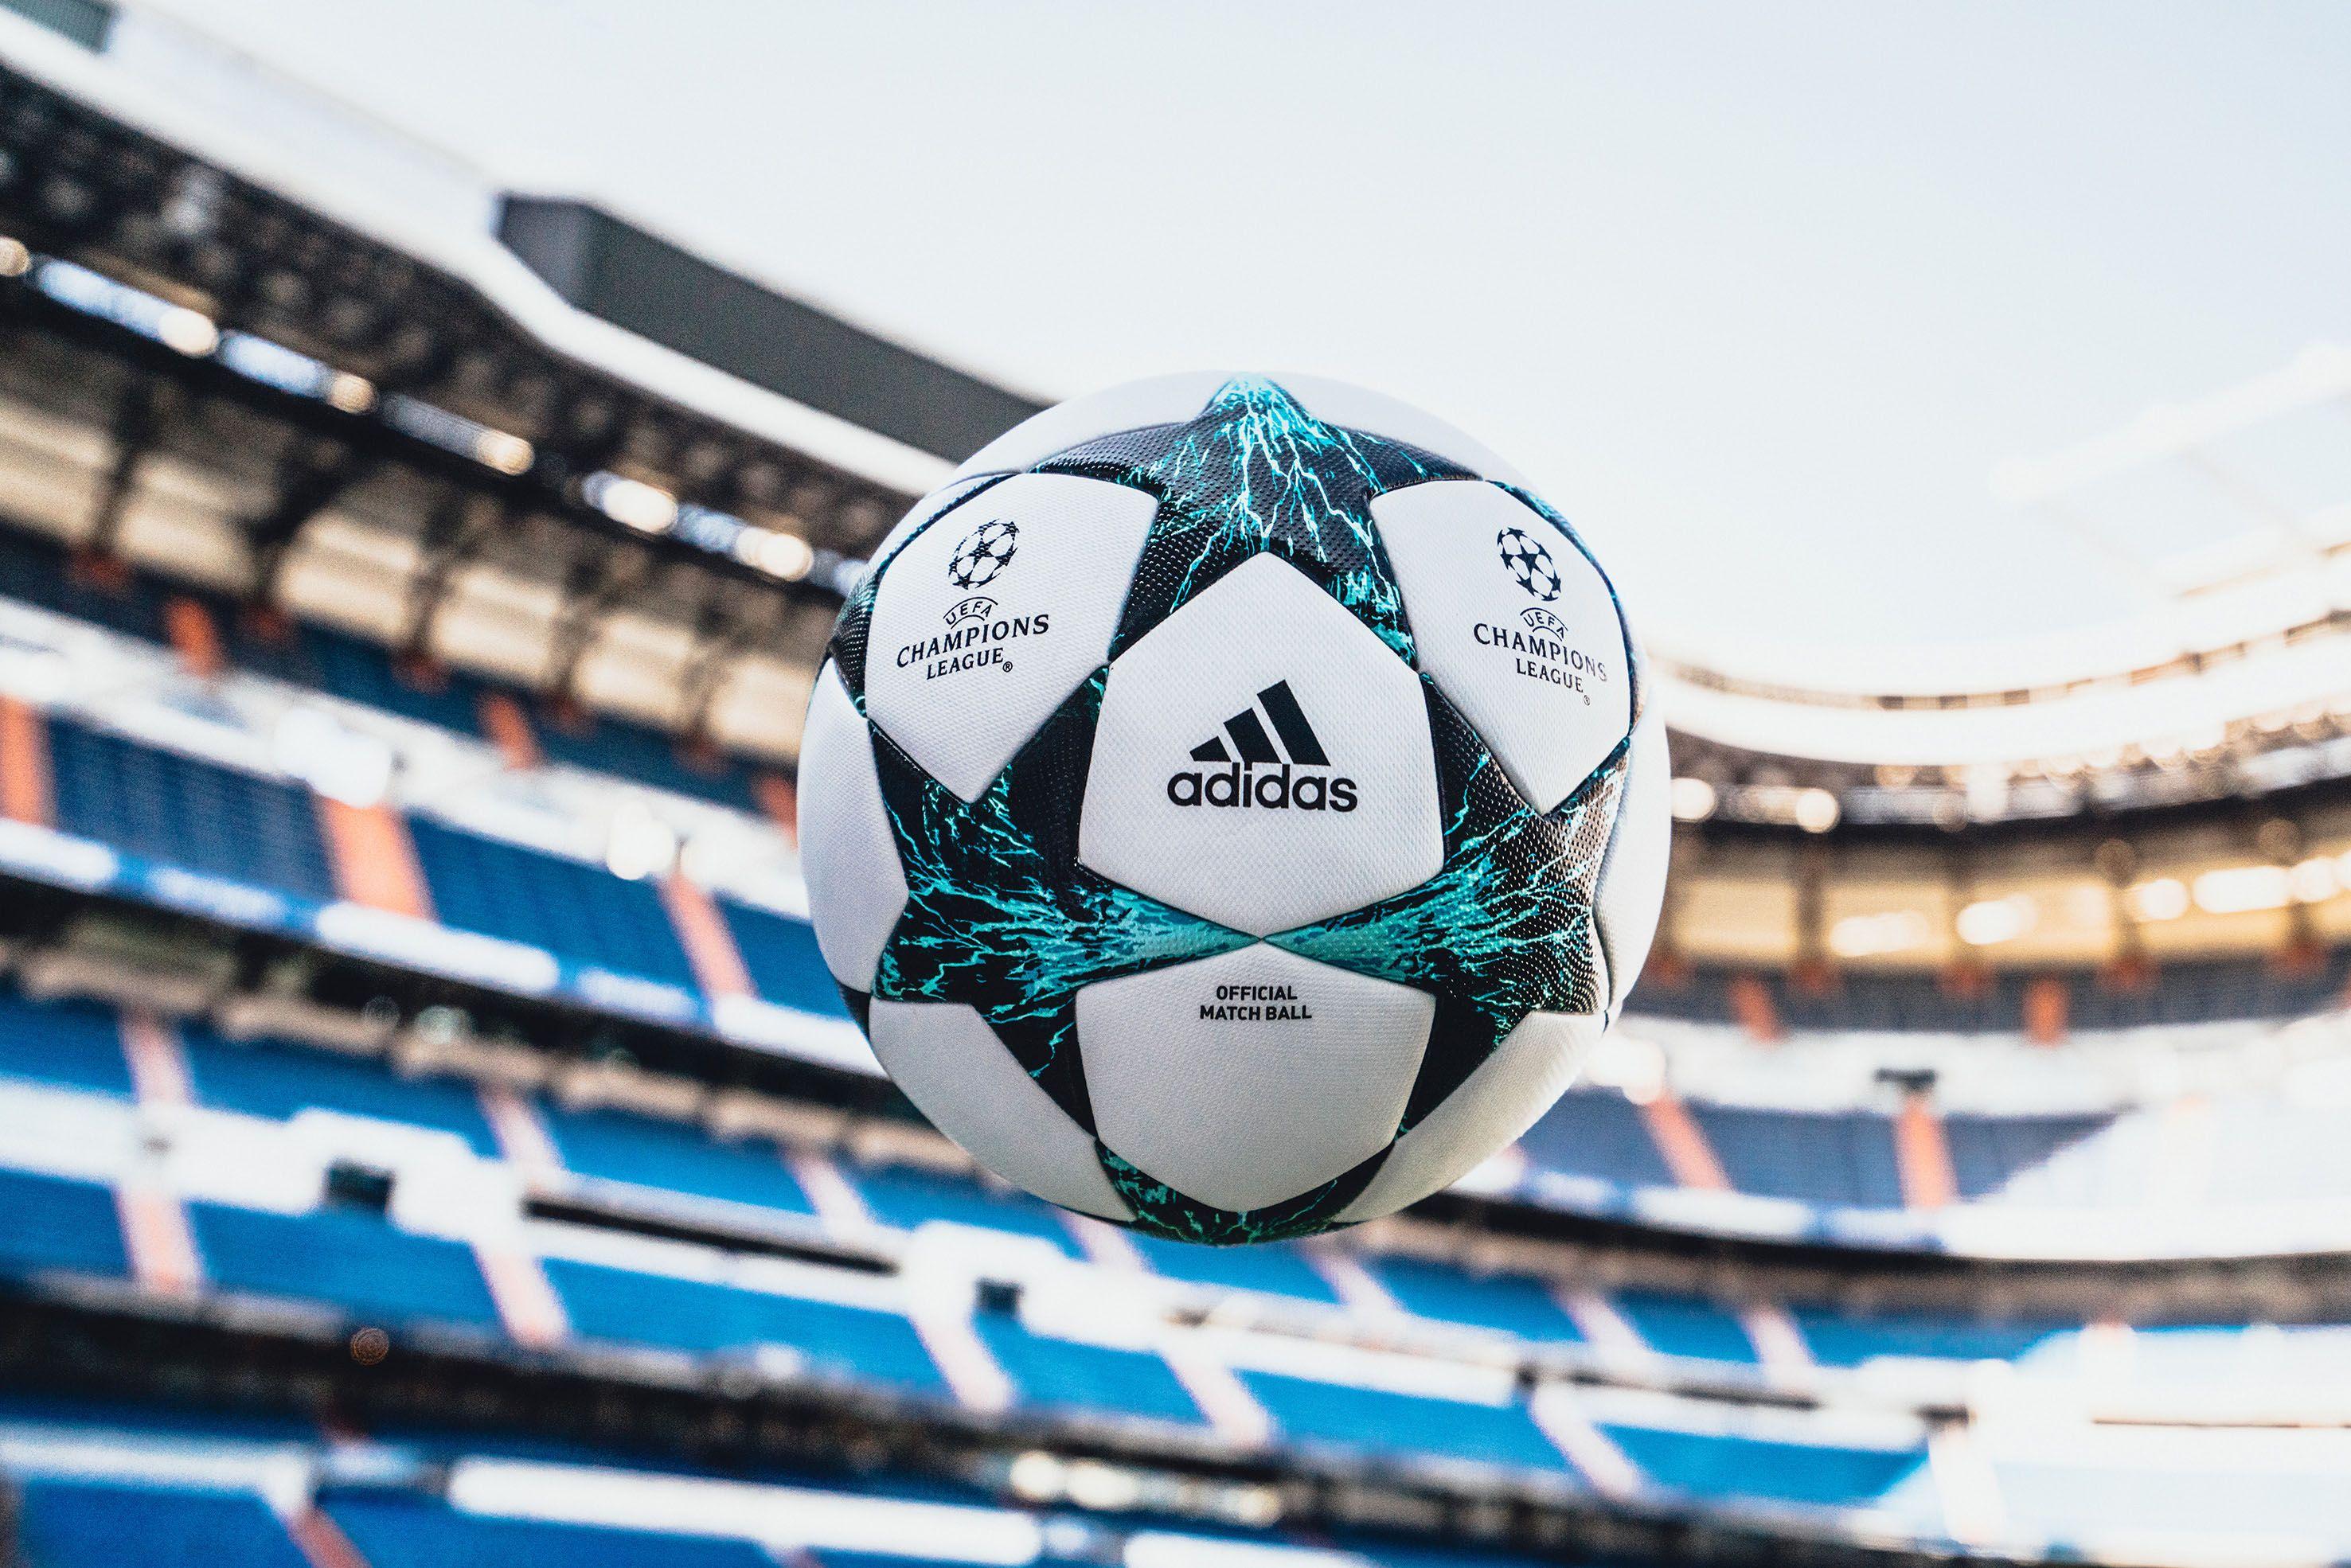 b413b80a4182ad Com raios e trovões, Adidas revela a bola da Champions League 2017-2018